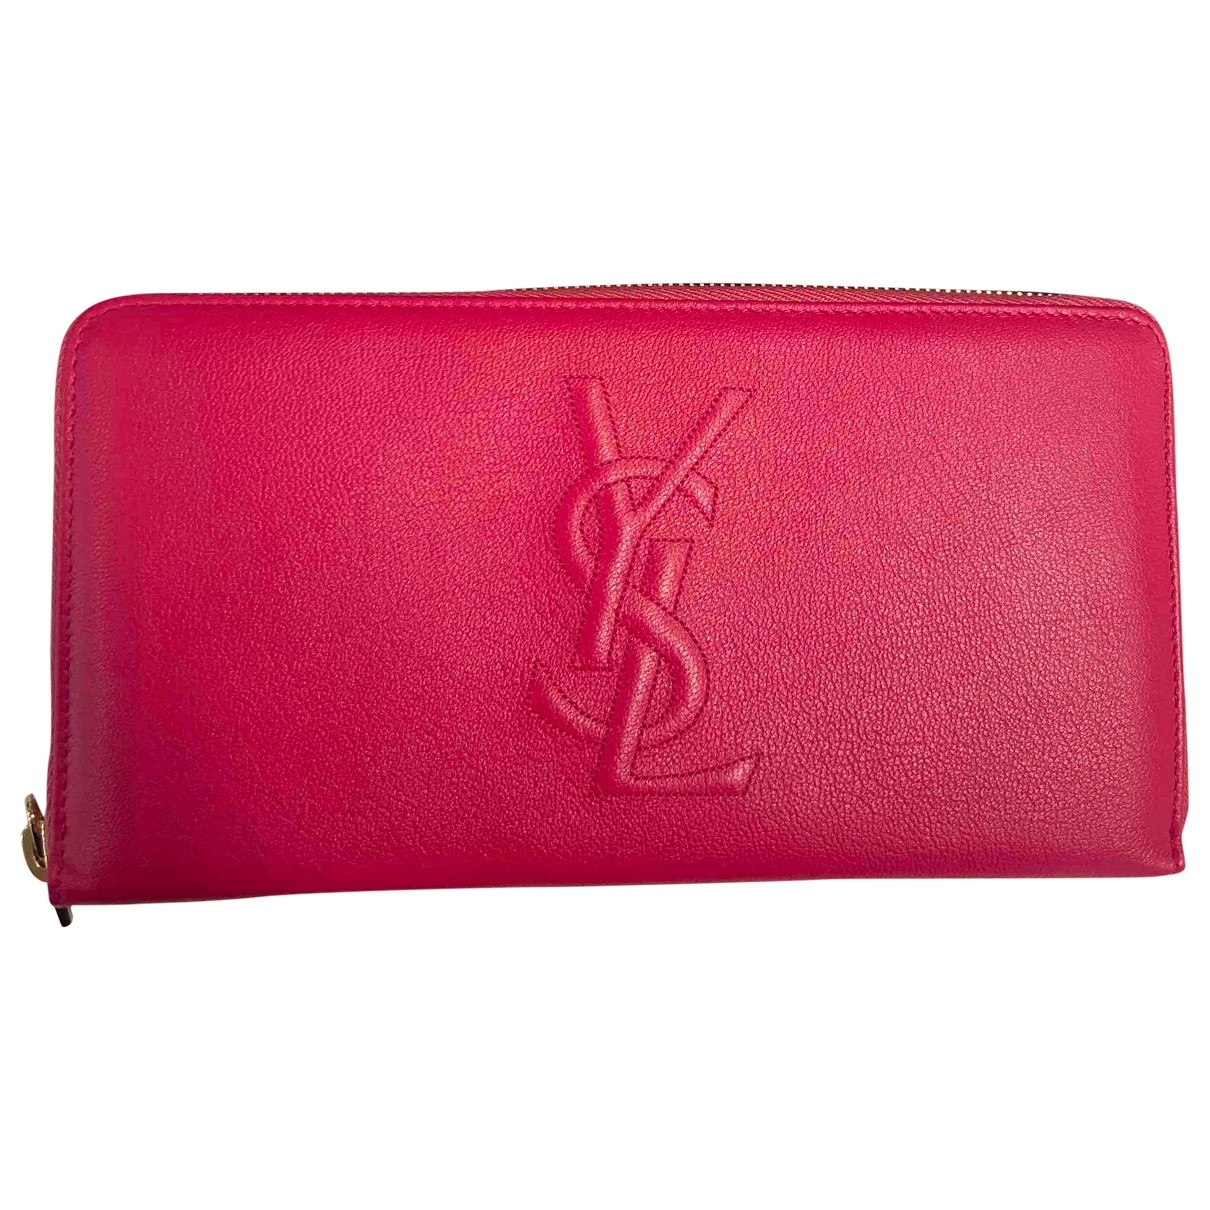 Yves Saint Laurent - Portefeuille Belle de Jour pour femme en cuir - rose